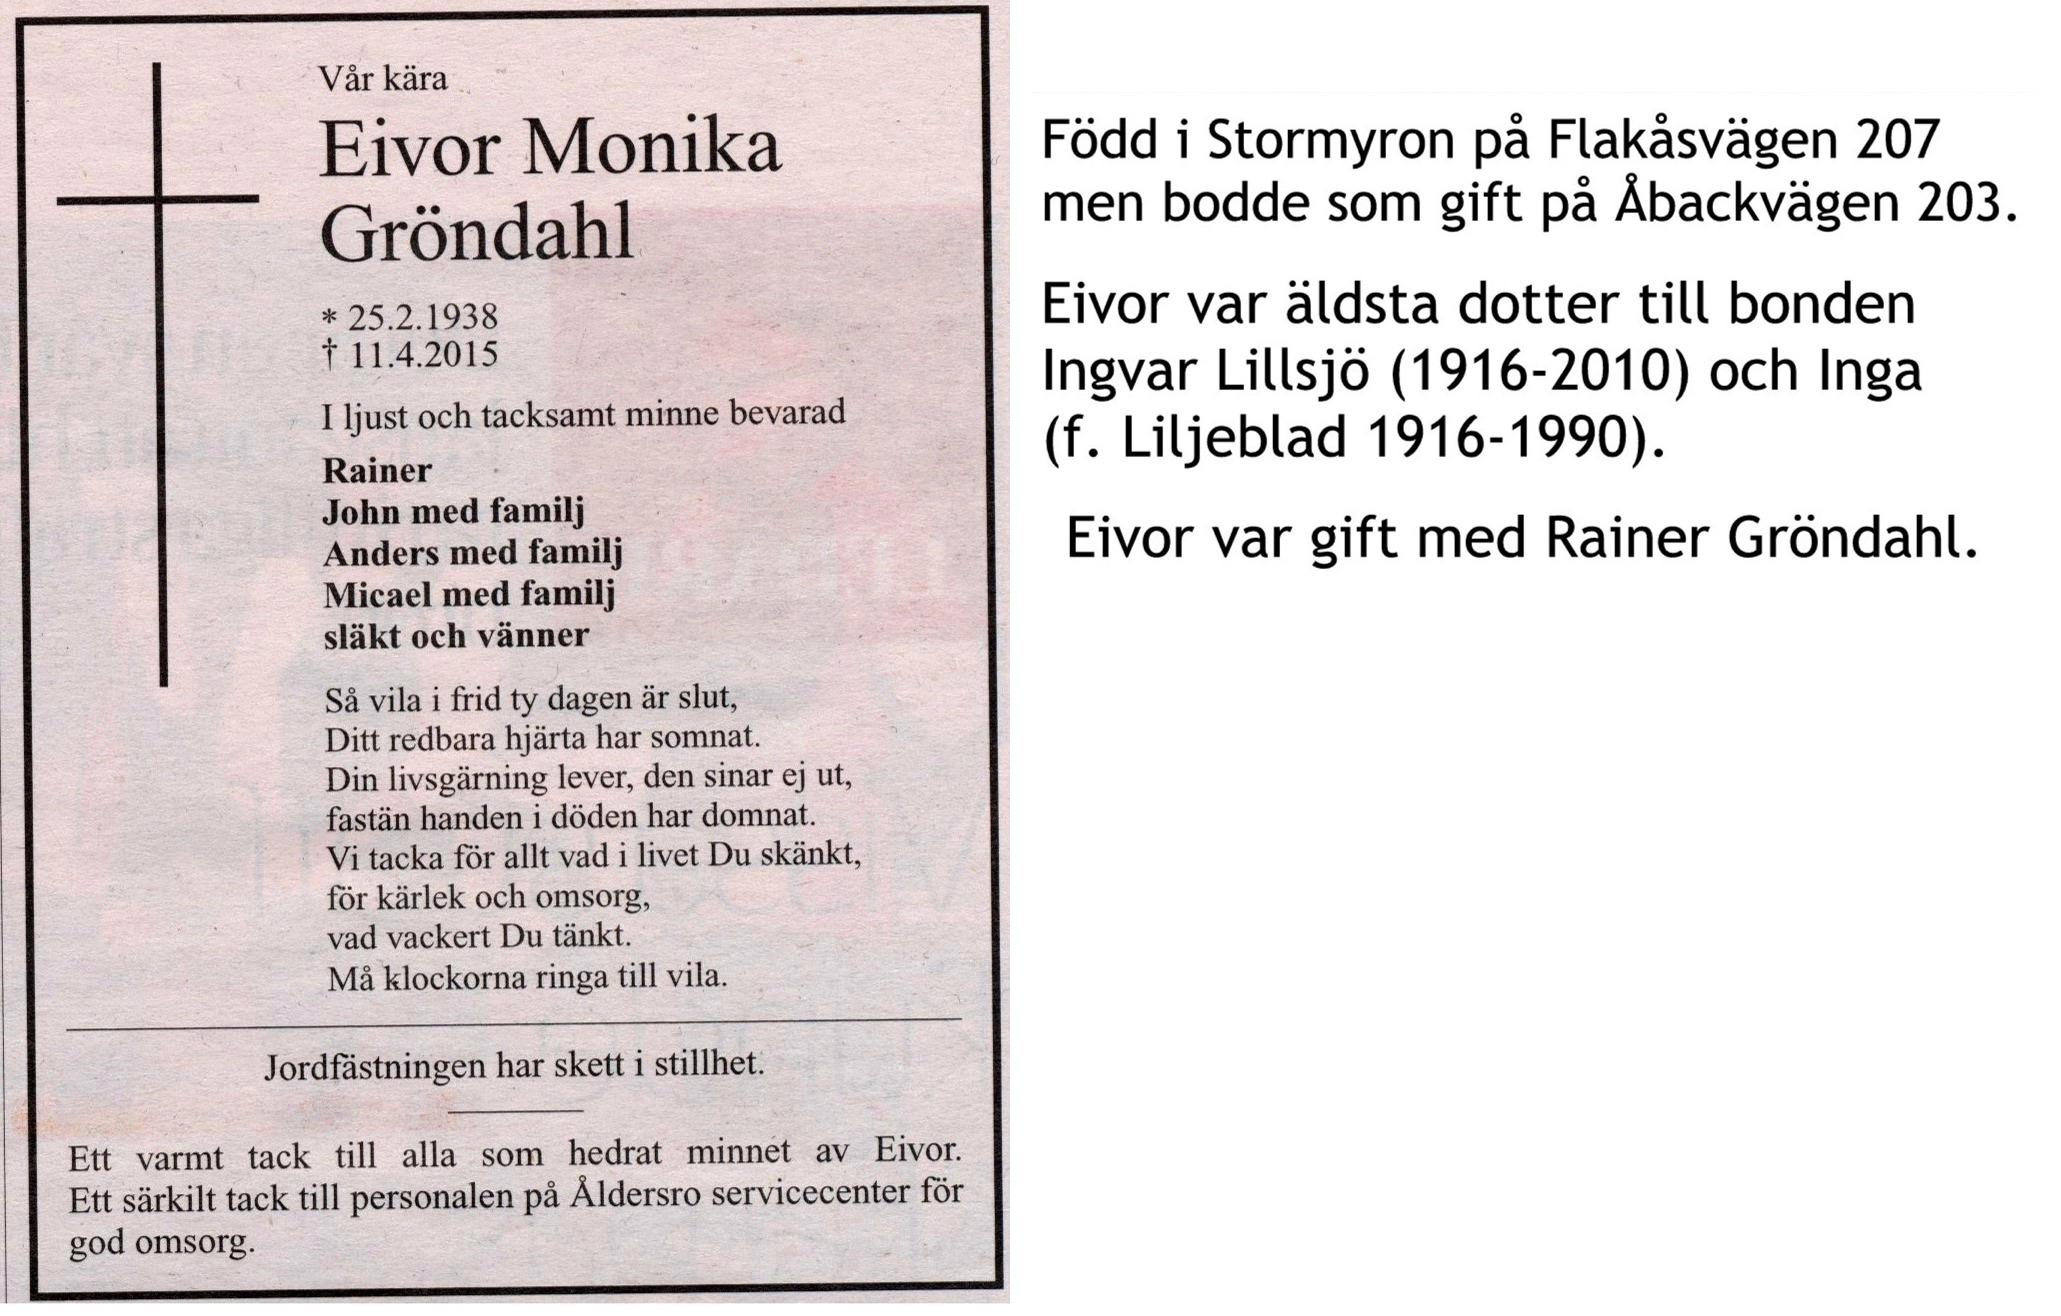 Gröndahl Eivor